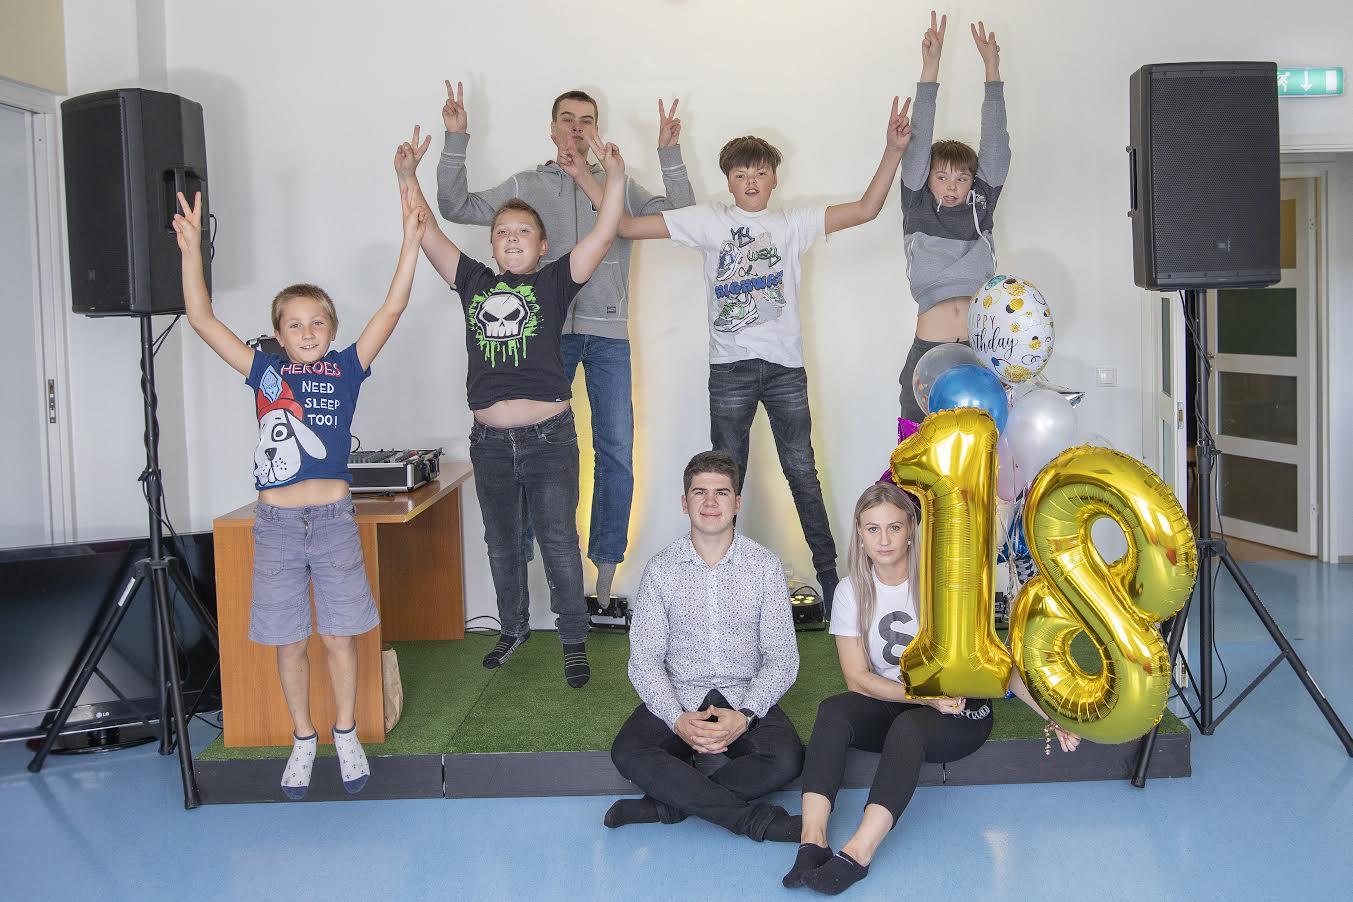 Võru noortekeskus tähistas eile 18aastaseks saamist vahva koosolemisega. Esimesed külalised olid kohal juba enne peo ametlikku algust. Fotol Tauri Sumerkin (vasakult), Remy Rakk, Kristjan Kala, Mihkel Mitt, Karl-Markus Lea koos noorsootöötajate Emil Aništšenko ja Christiana Vaheriga. Foto: AIGAR NAGEL